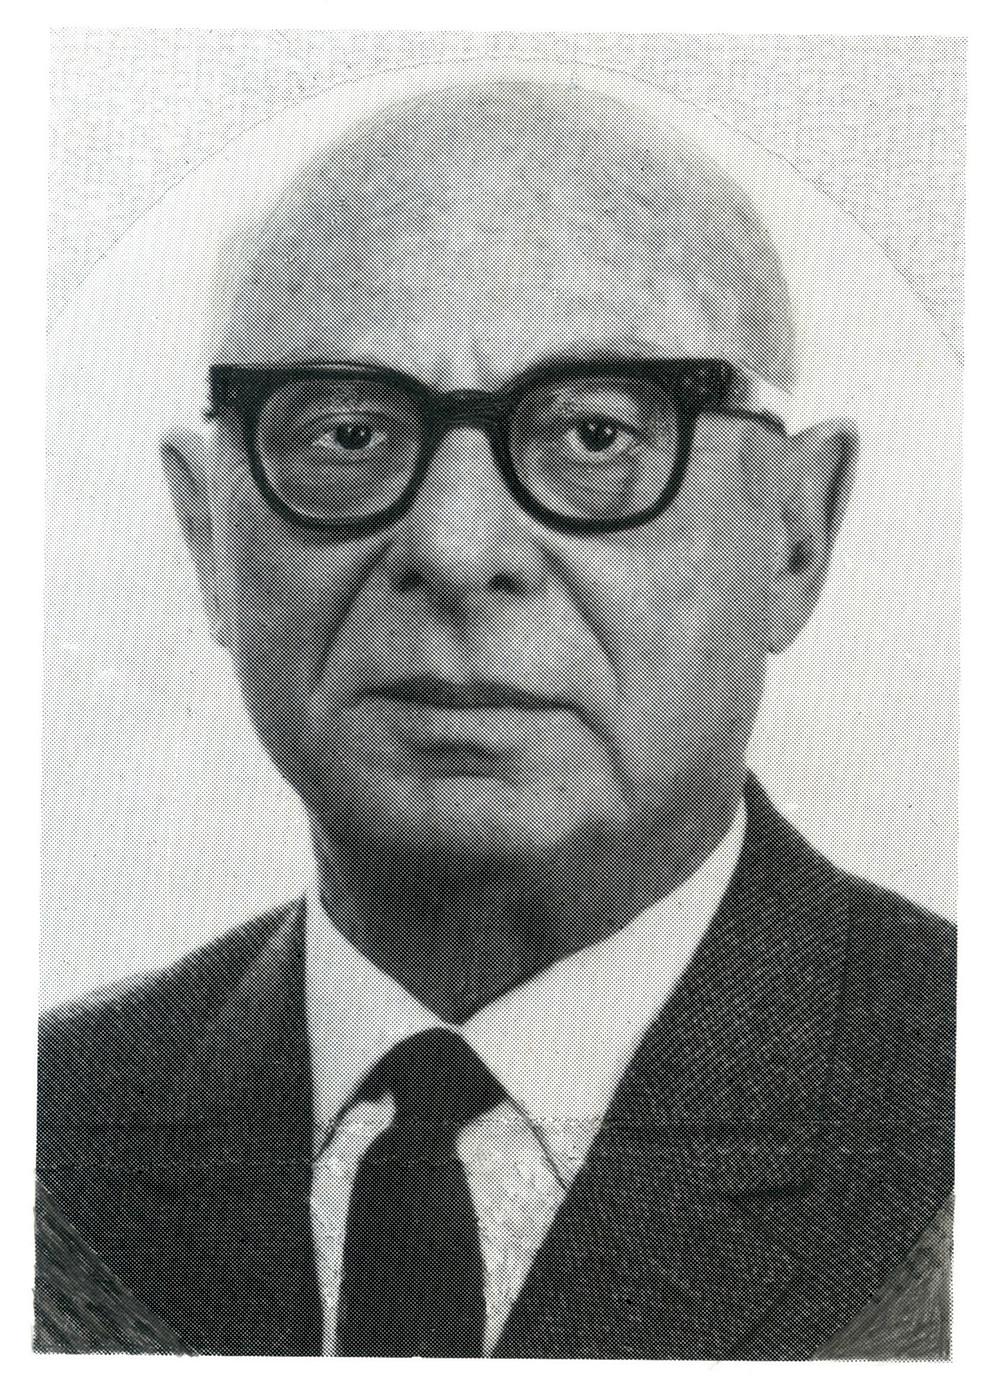 אמיל פיקובסקי